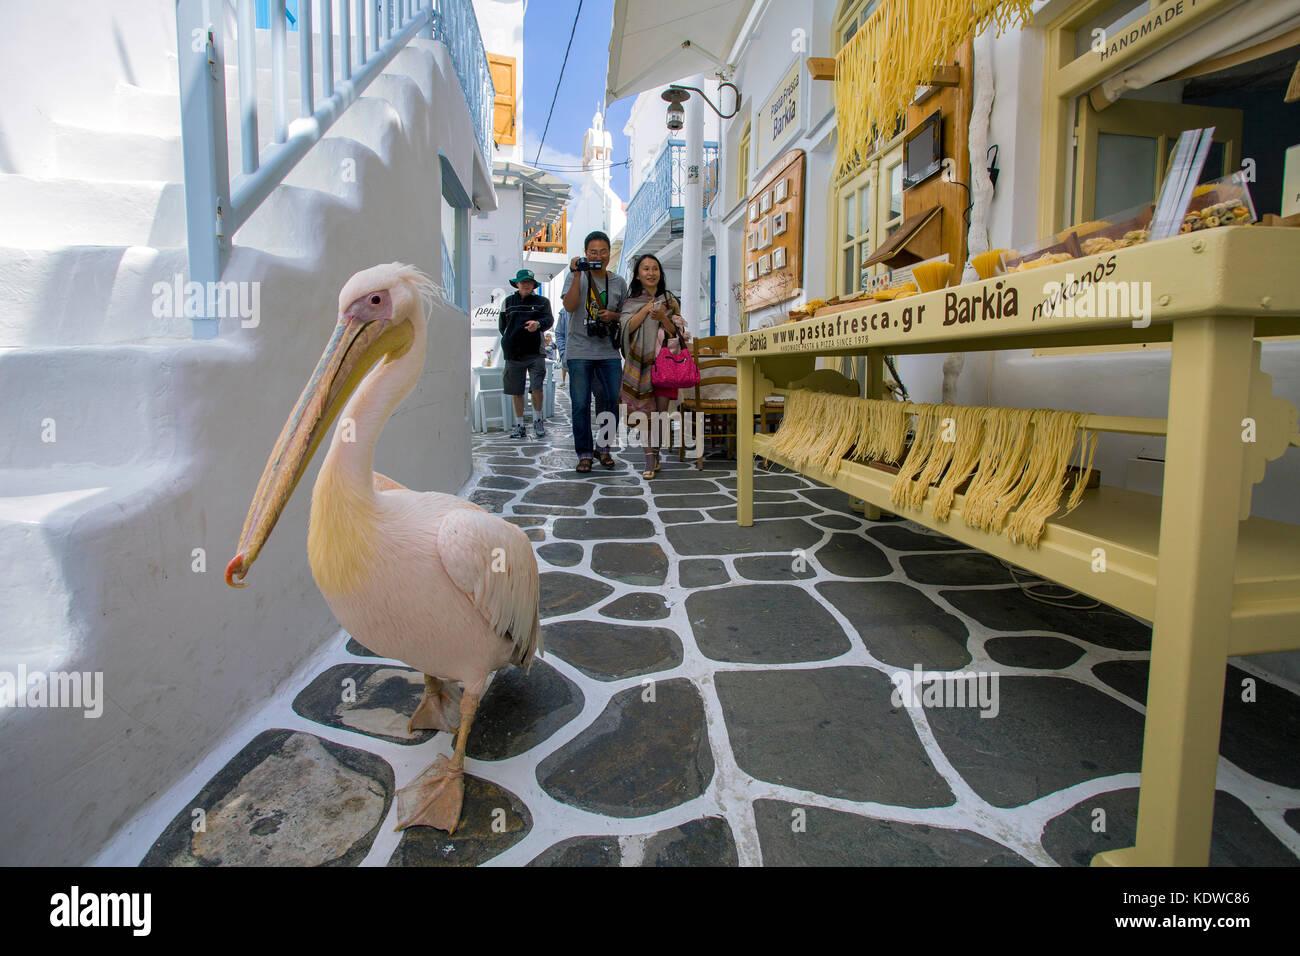 Pelikan Petro, rosapelikan (pelecanus onocrotalus) spaziert in einer Gasse mit souvenir-geschaeften, Mykonos-Stadt, Stockbild